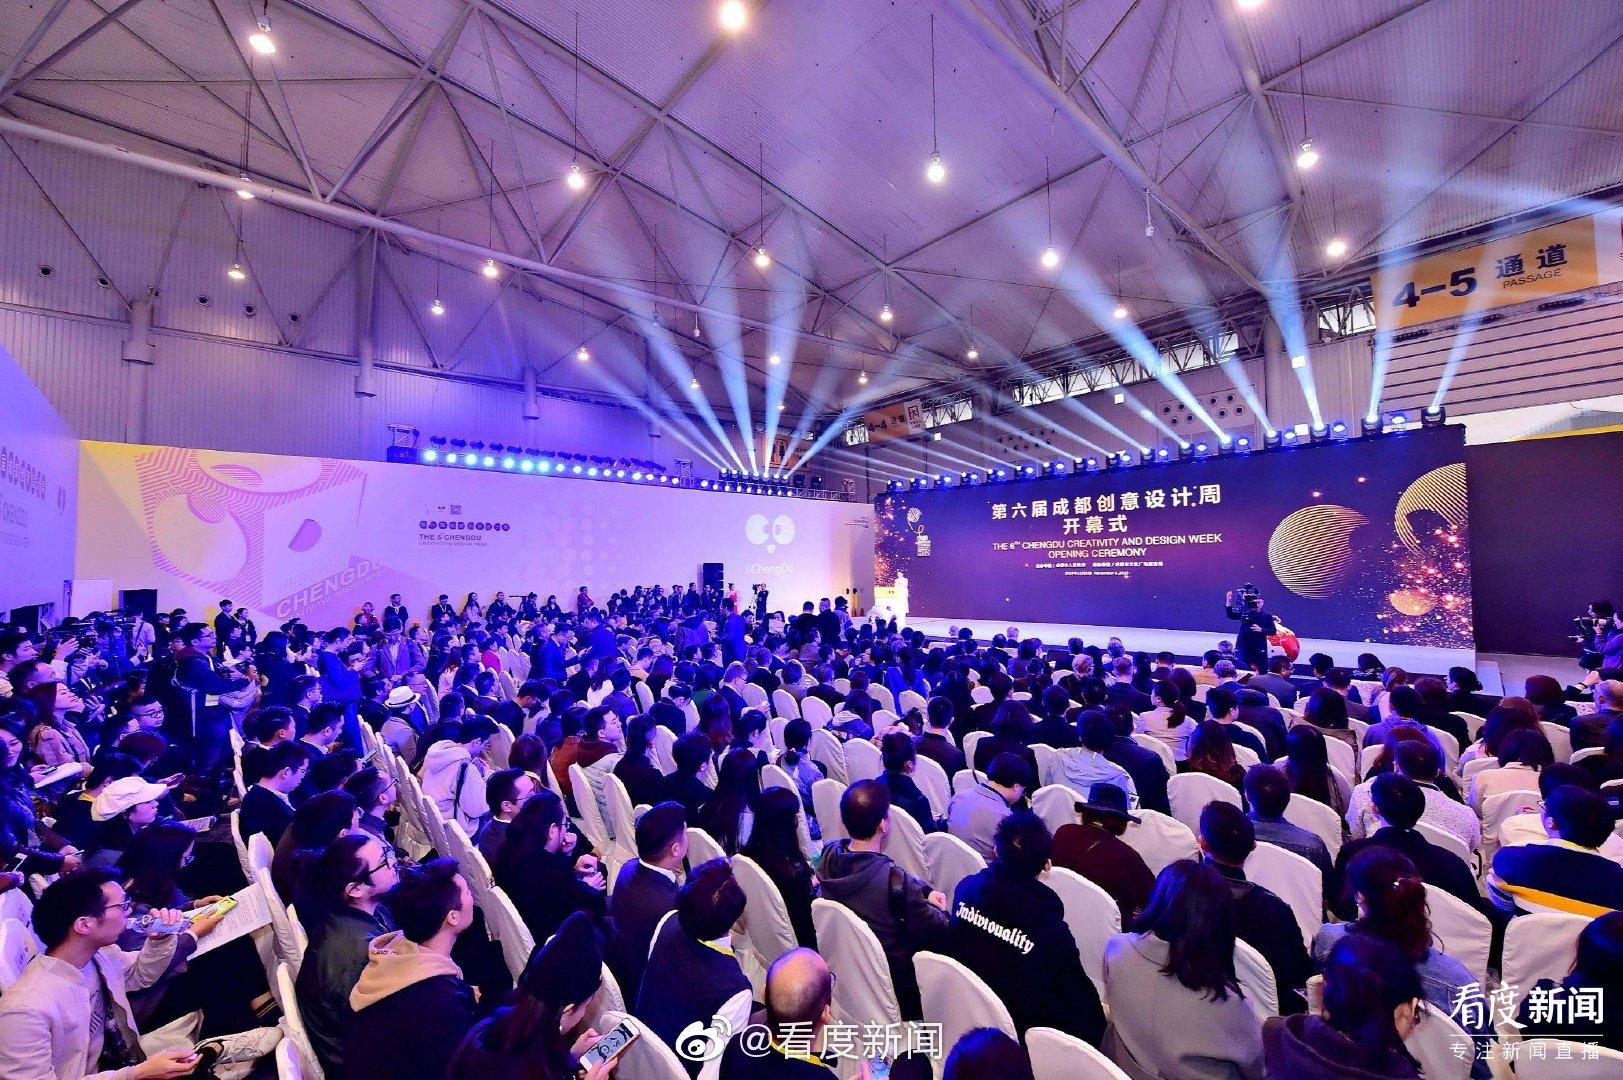 11月8日,第六届成都创意设计周在世纪城新国际会展中心开幕啦